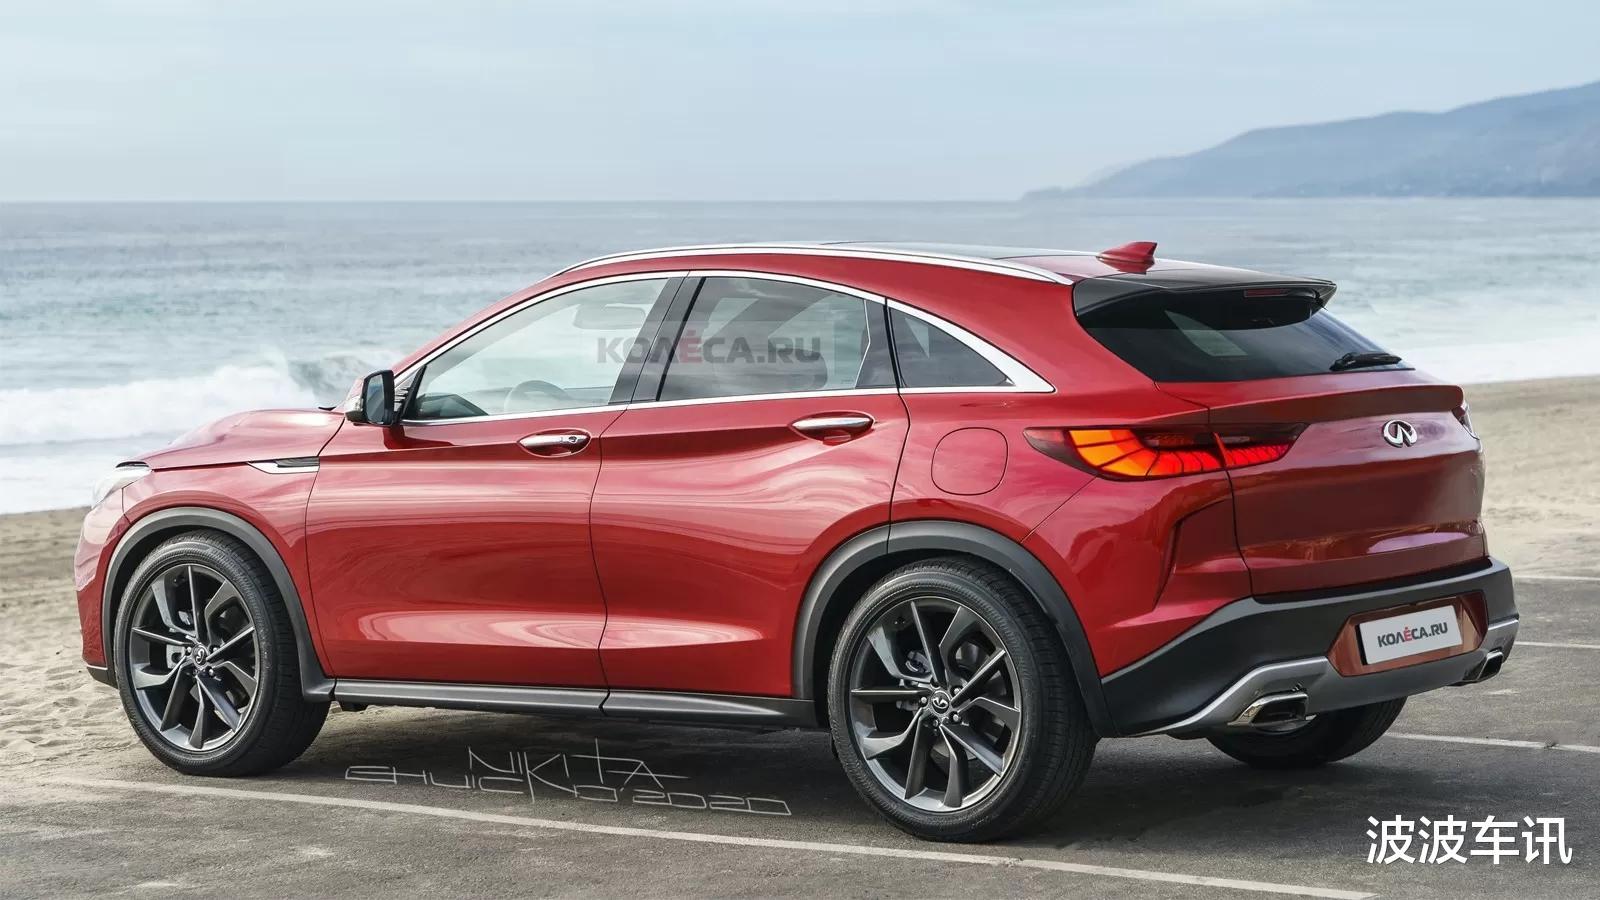 英菲尼迪QX55渲染圖曝光,定位轎跑SUV,采用運動化的設計-圖3